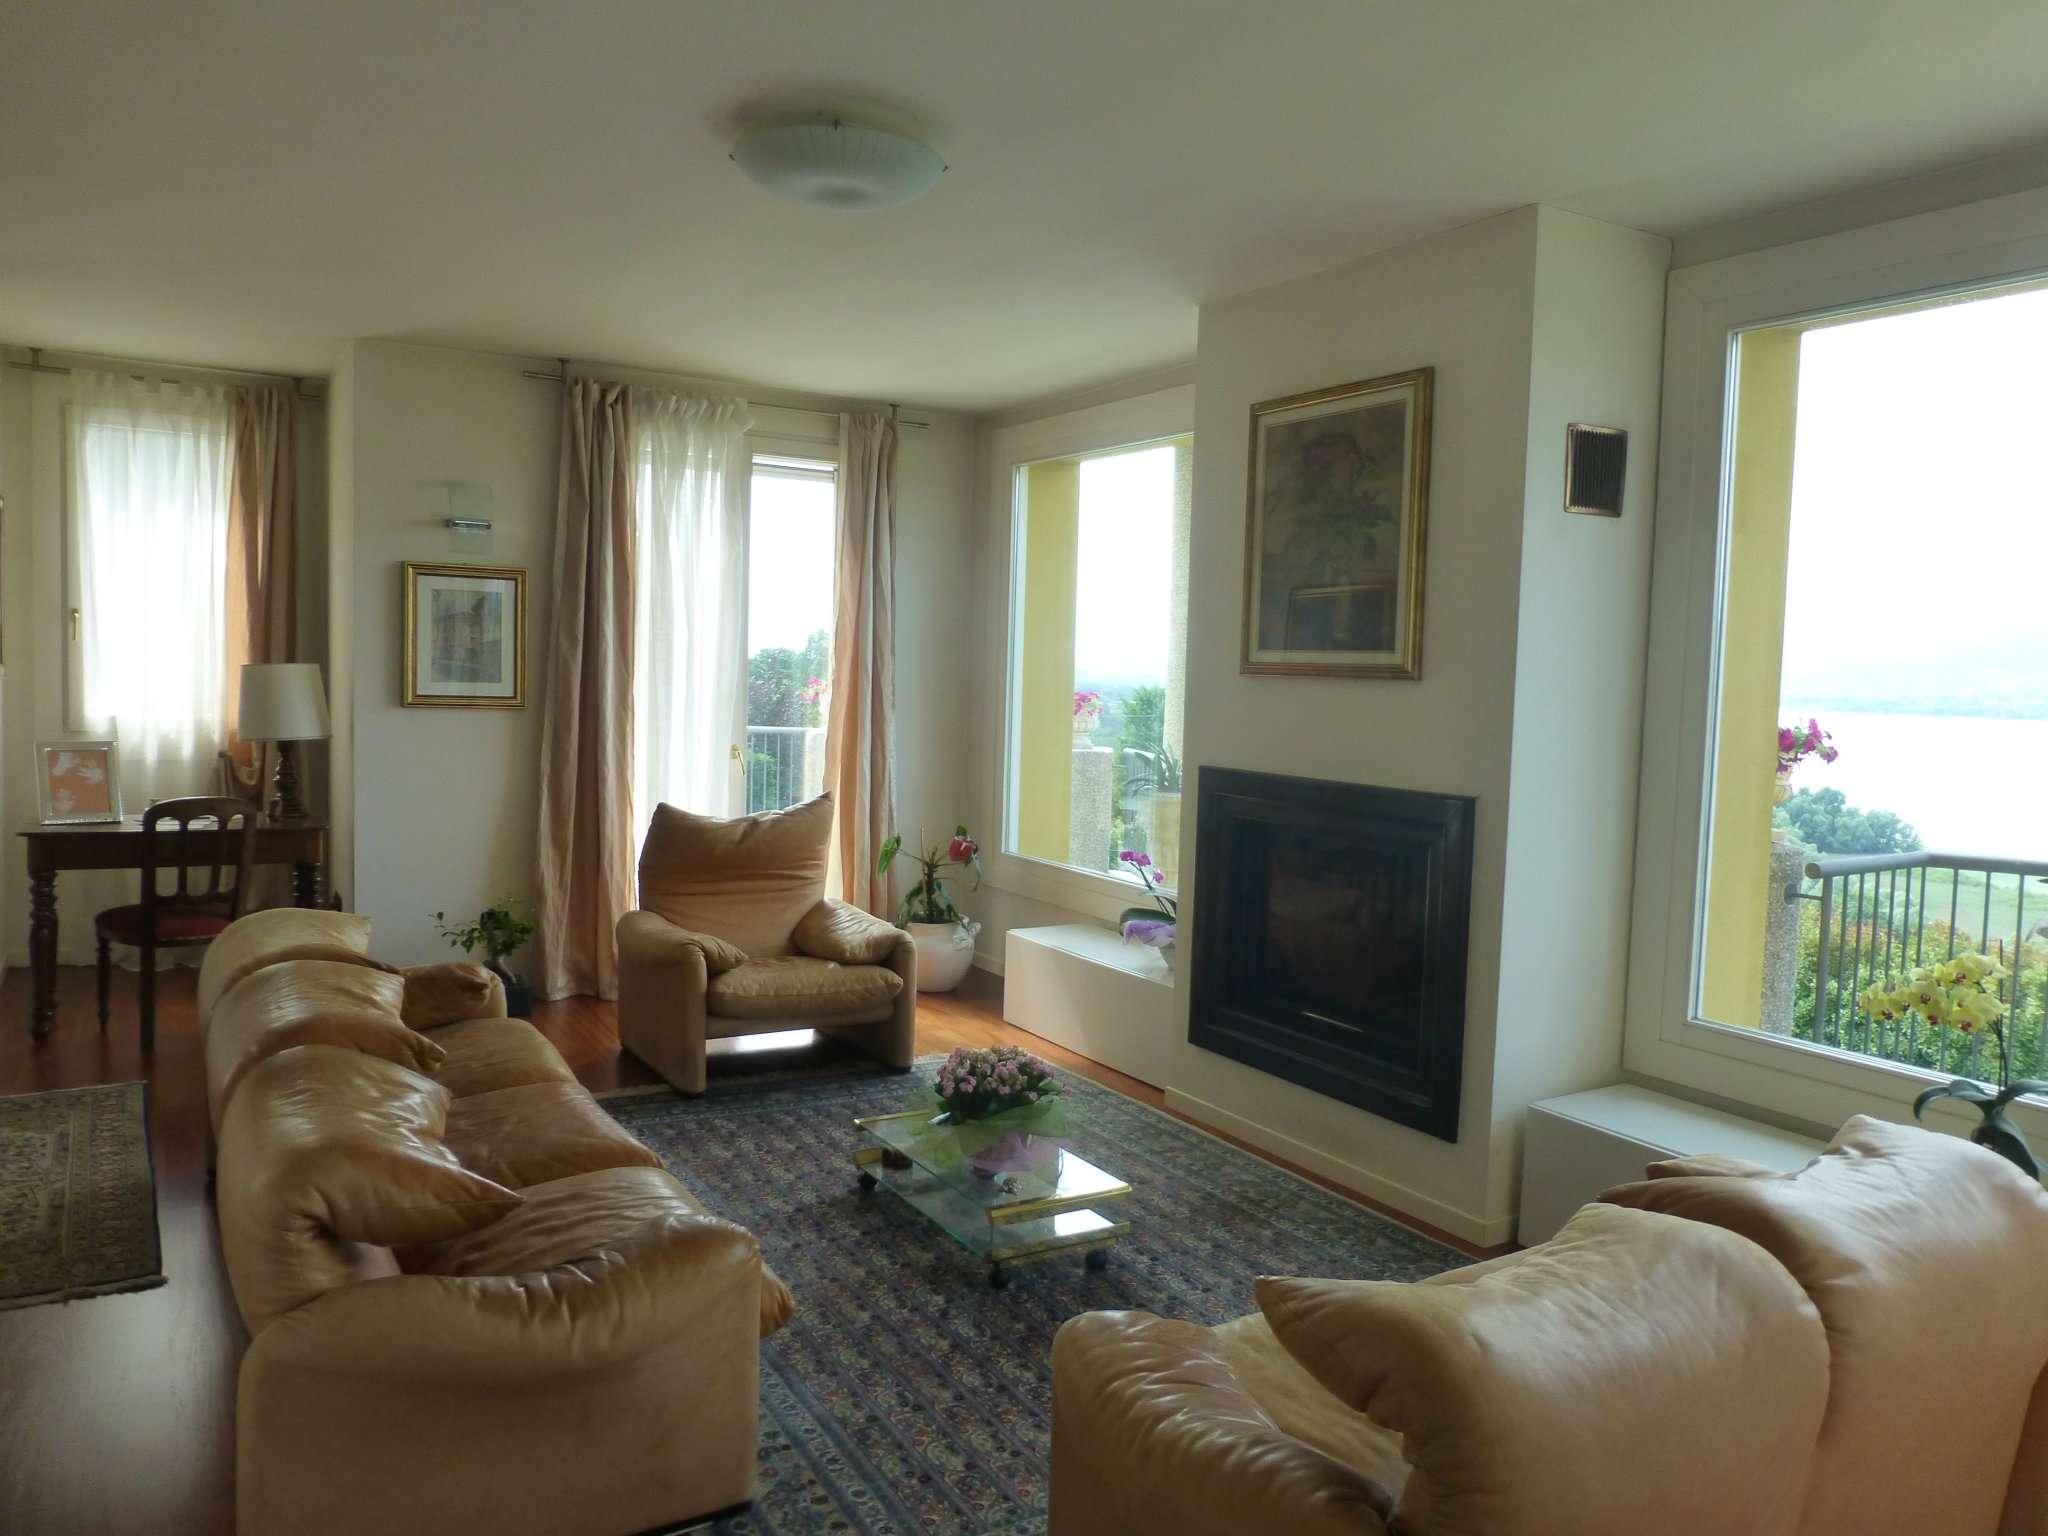 Villa in Vendita a Galliate Lombardo Centro: 5 locali, 700 mq